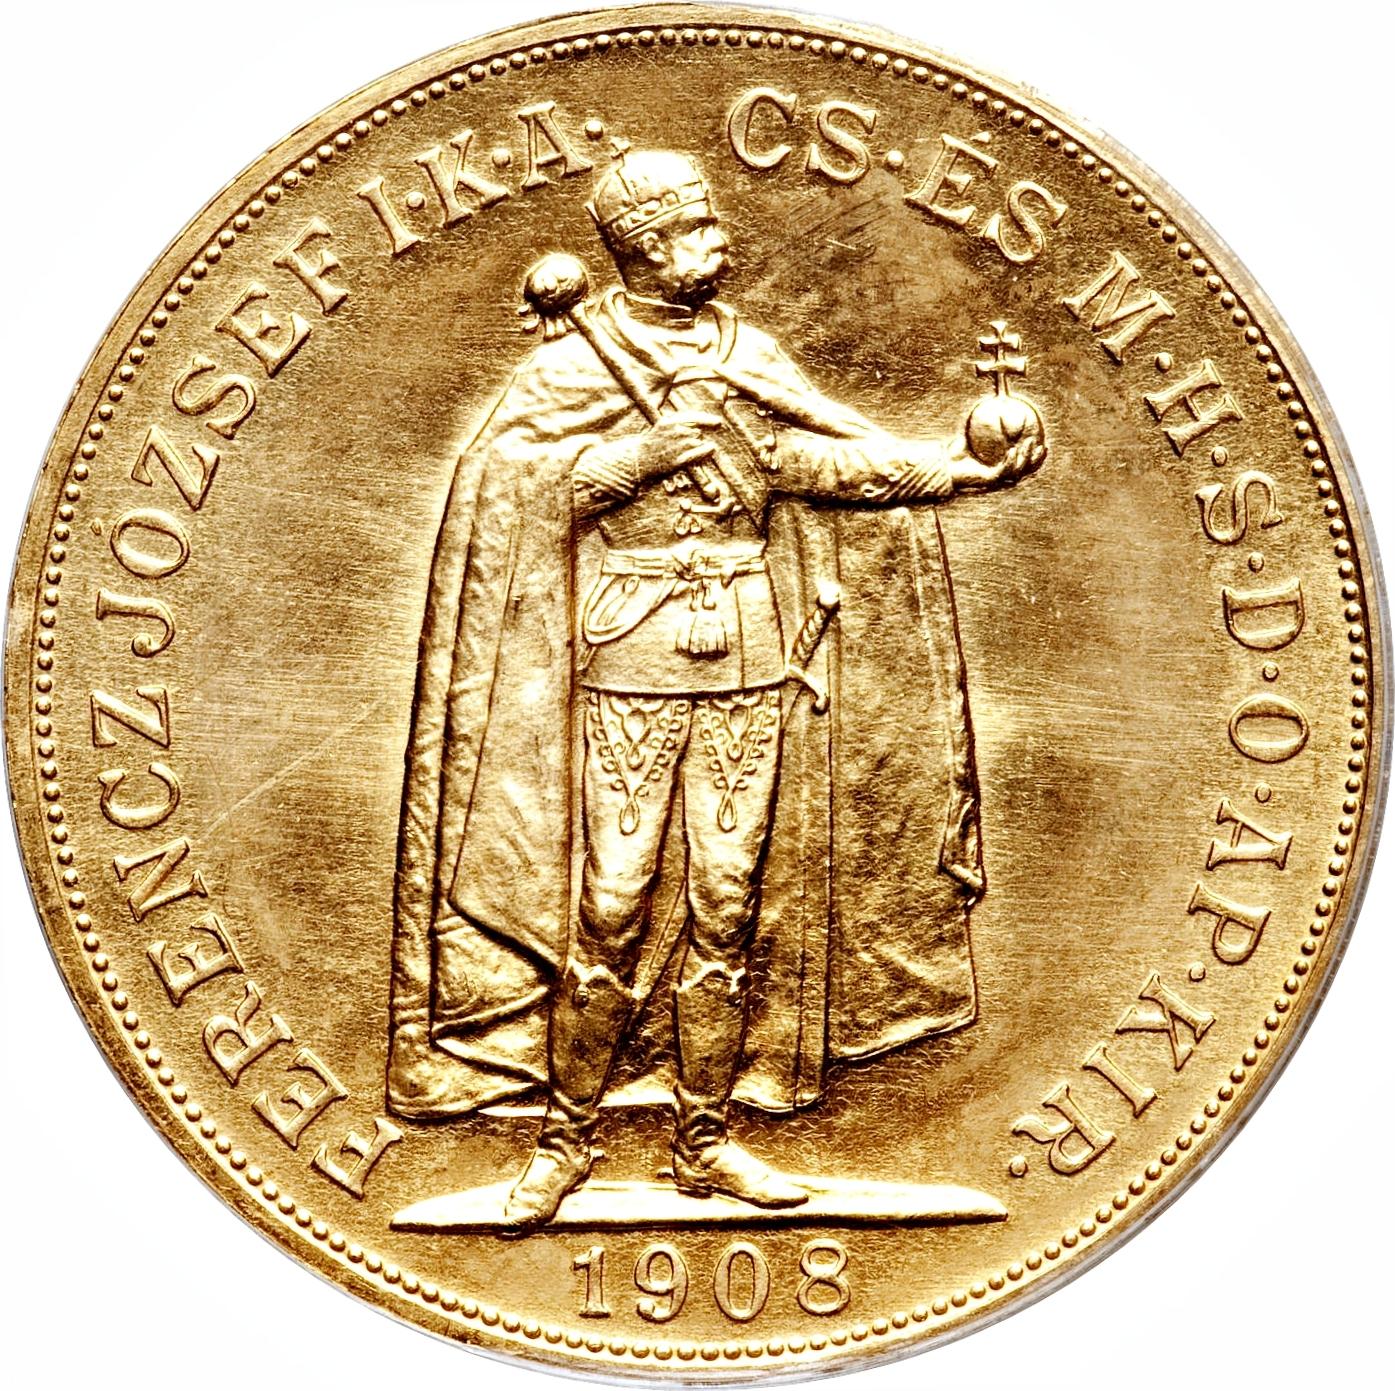 100 Korona - I  Ferenc József (Franz Joseph I - 1848/1867